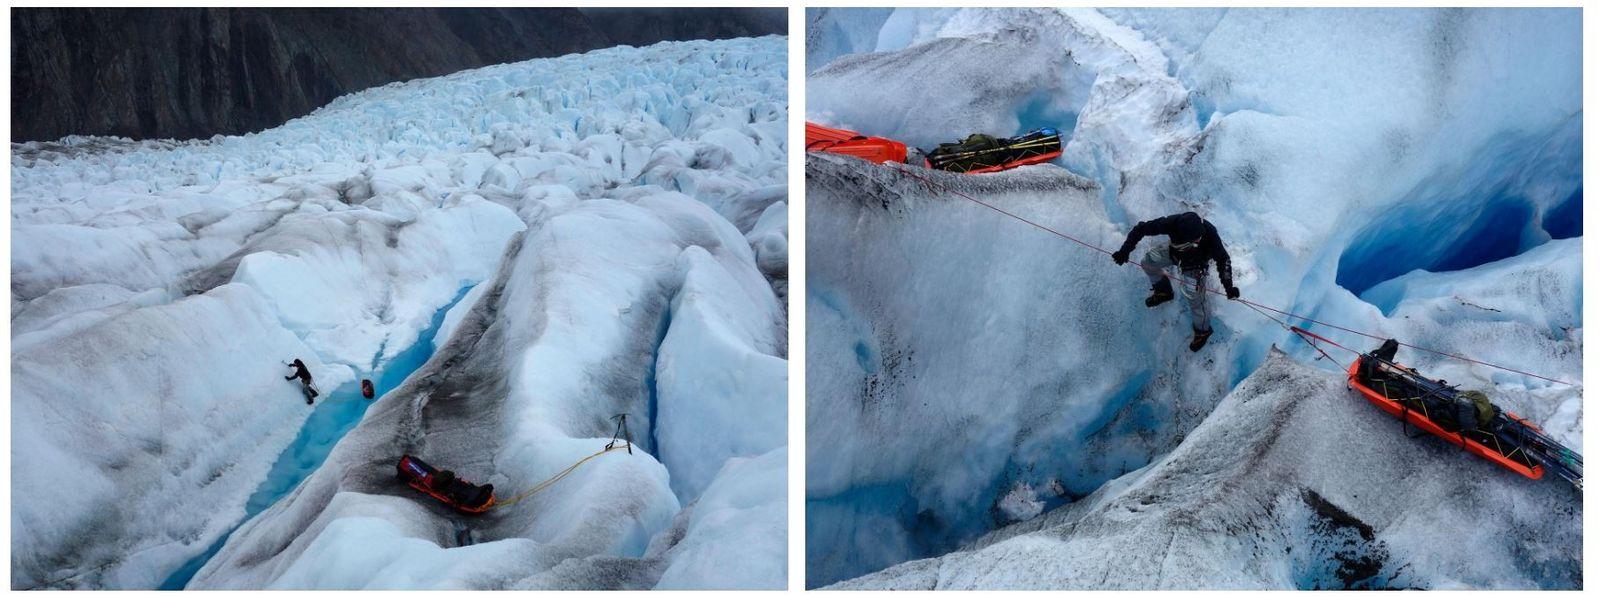 Esquerda: A equipa teve dificuldades a atravessar a calota de Stikine. A região está repleta de ...